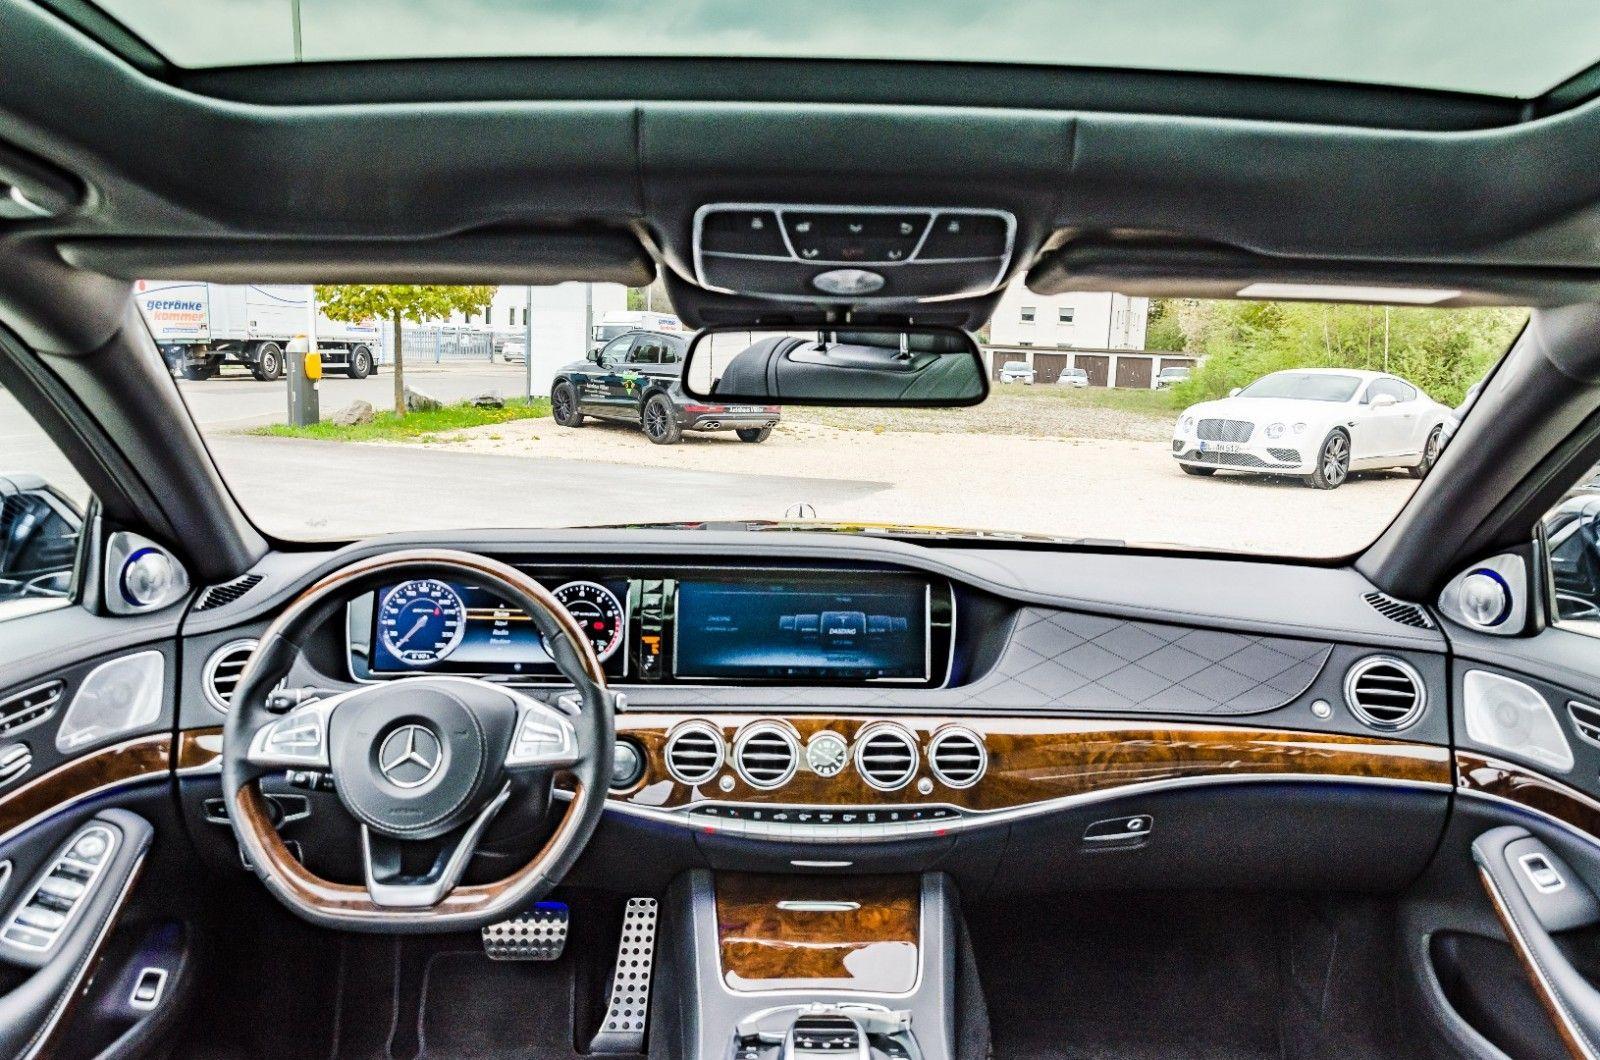 Mercedes Benz S 65 Amg L 5 Seats Burm 3d Night Vision 360 Export Price 140 420 Stosk L549 Fuel Consumption Mercedes Benz Benz S Dubai Cars